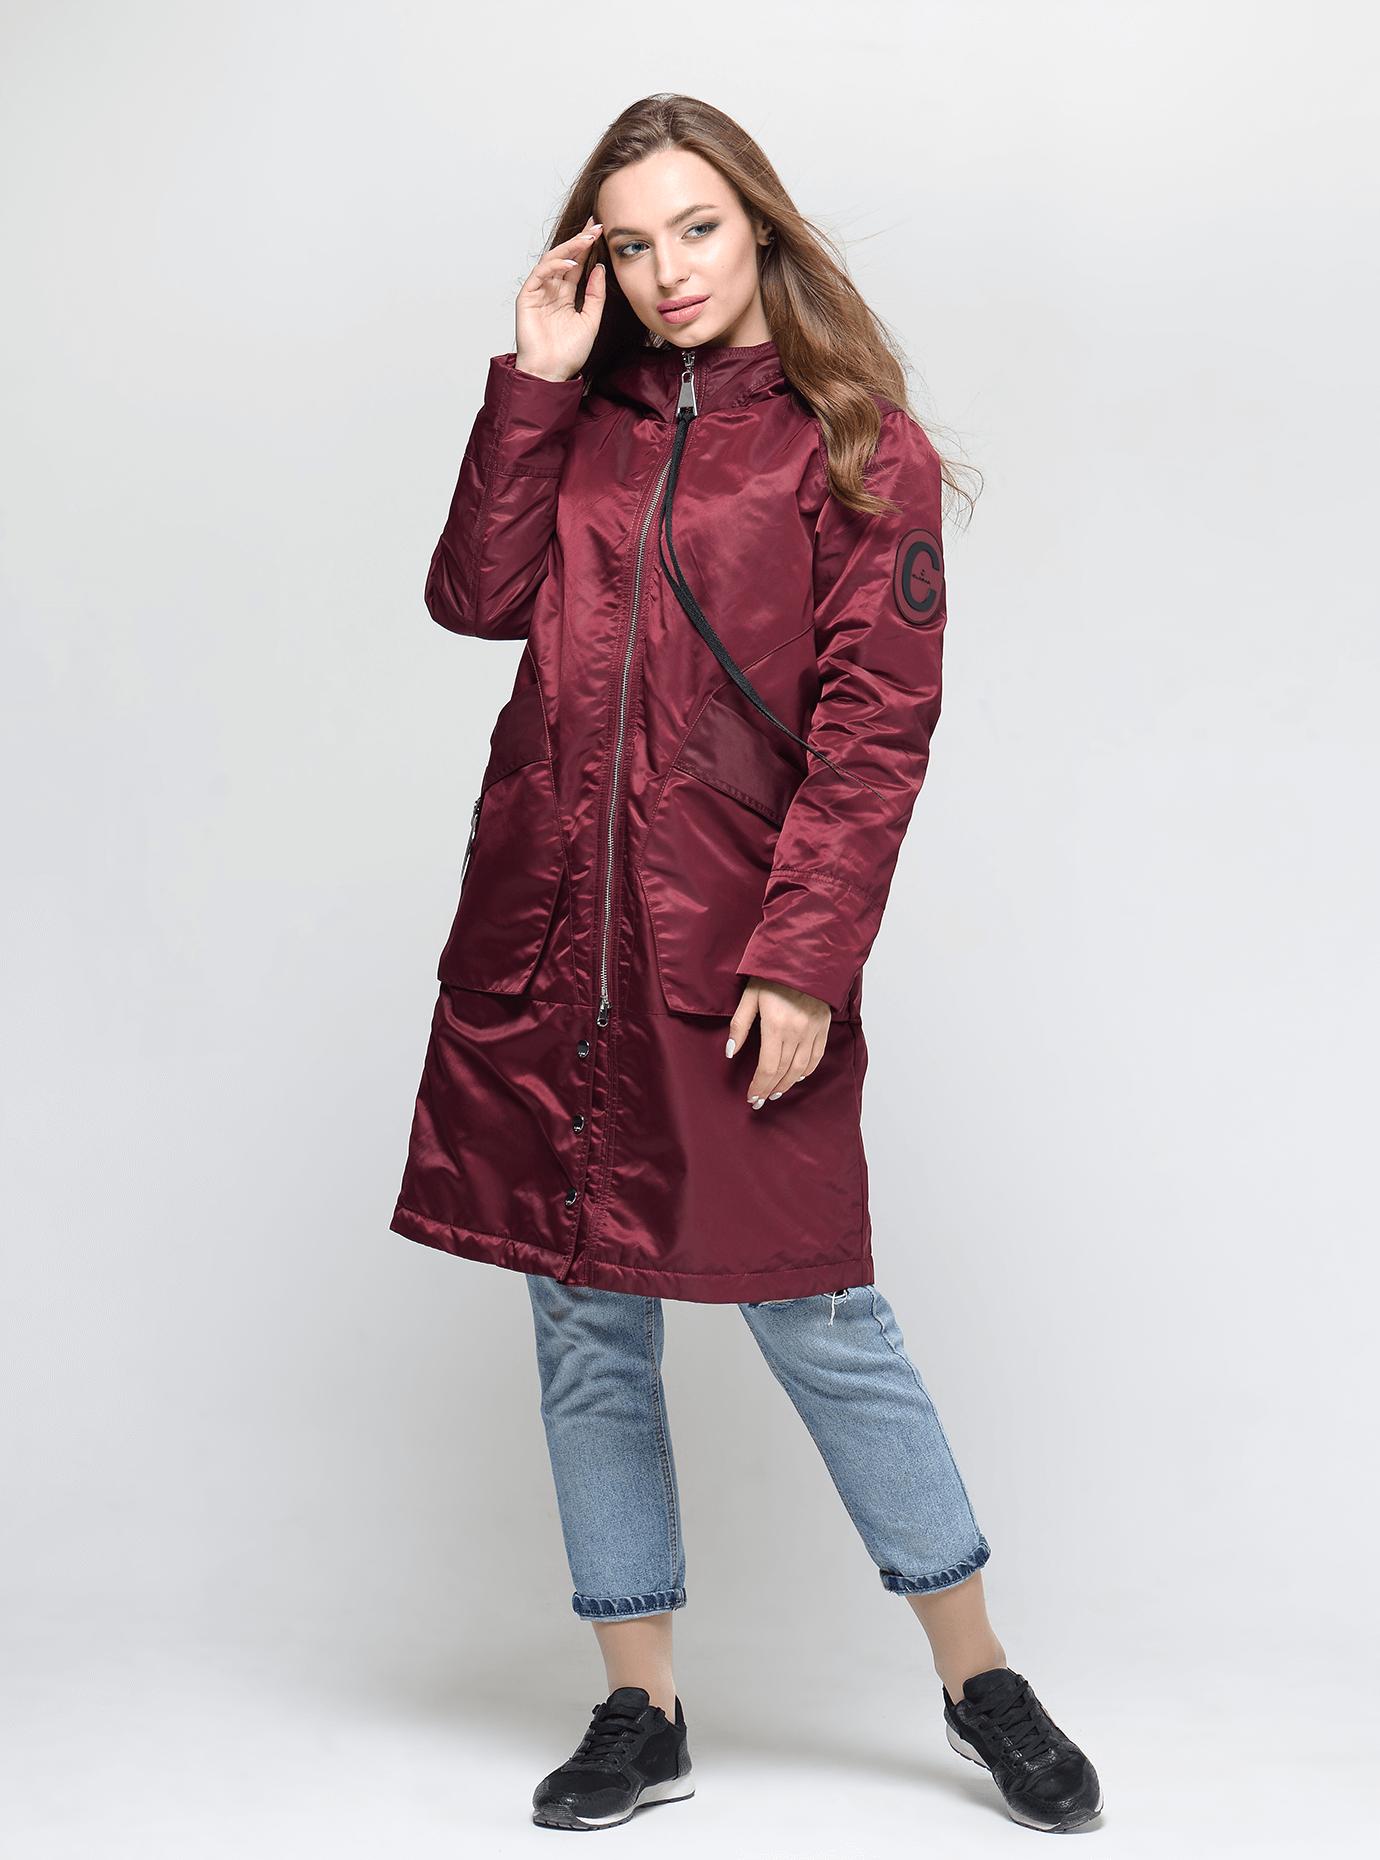 Куртка женская на весну/осень Чёрный S (02-CD18043): фото - Alster.ua